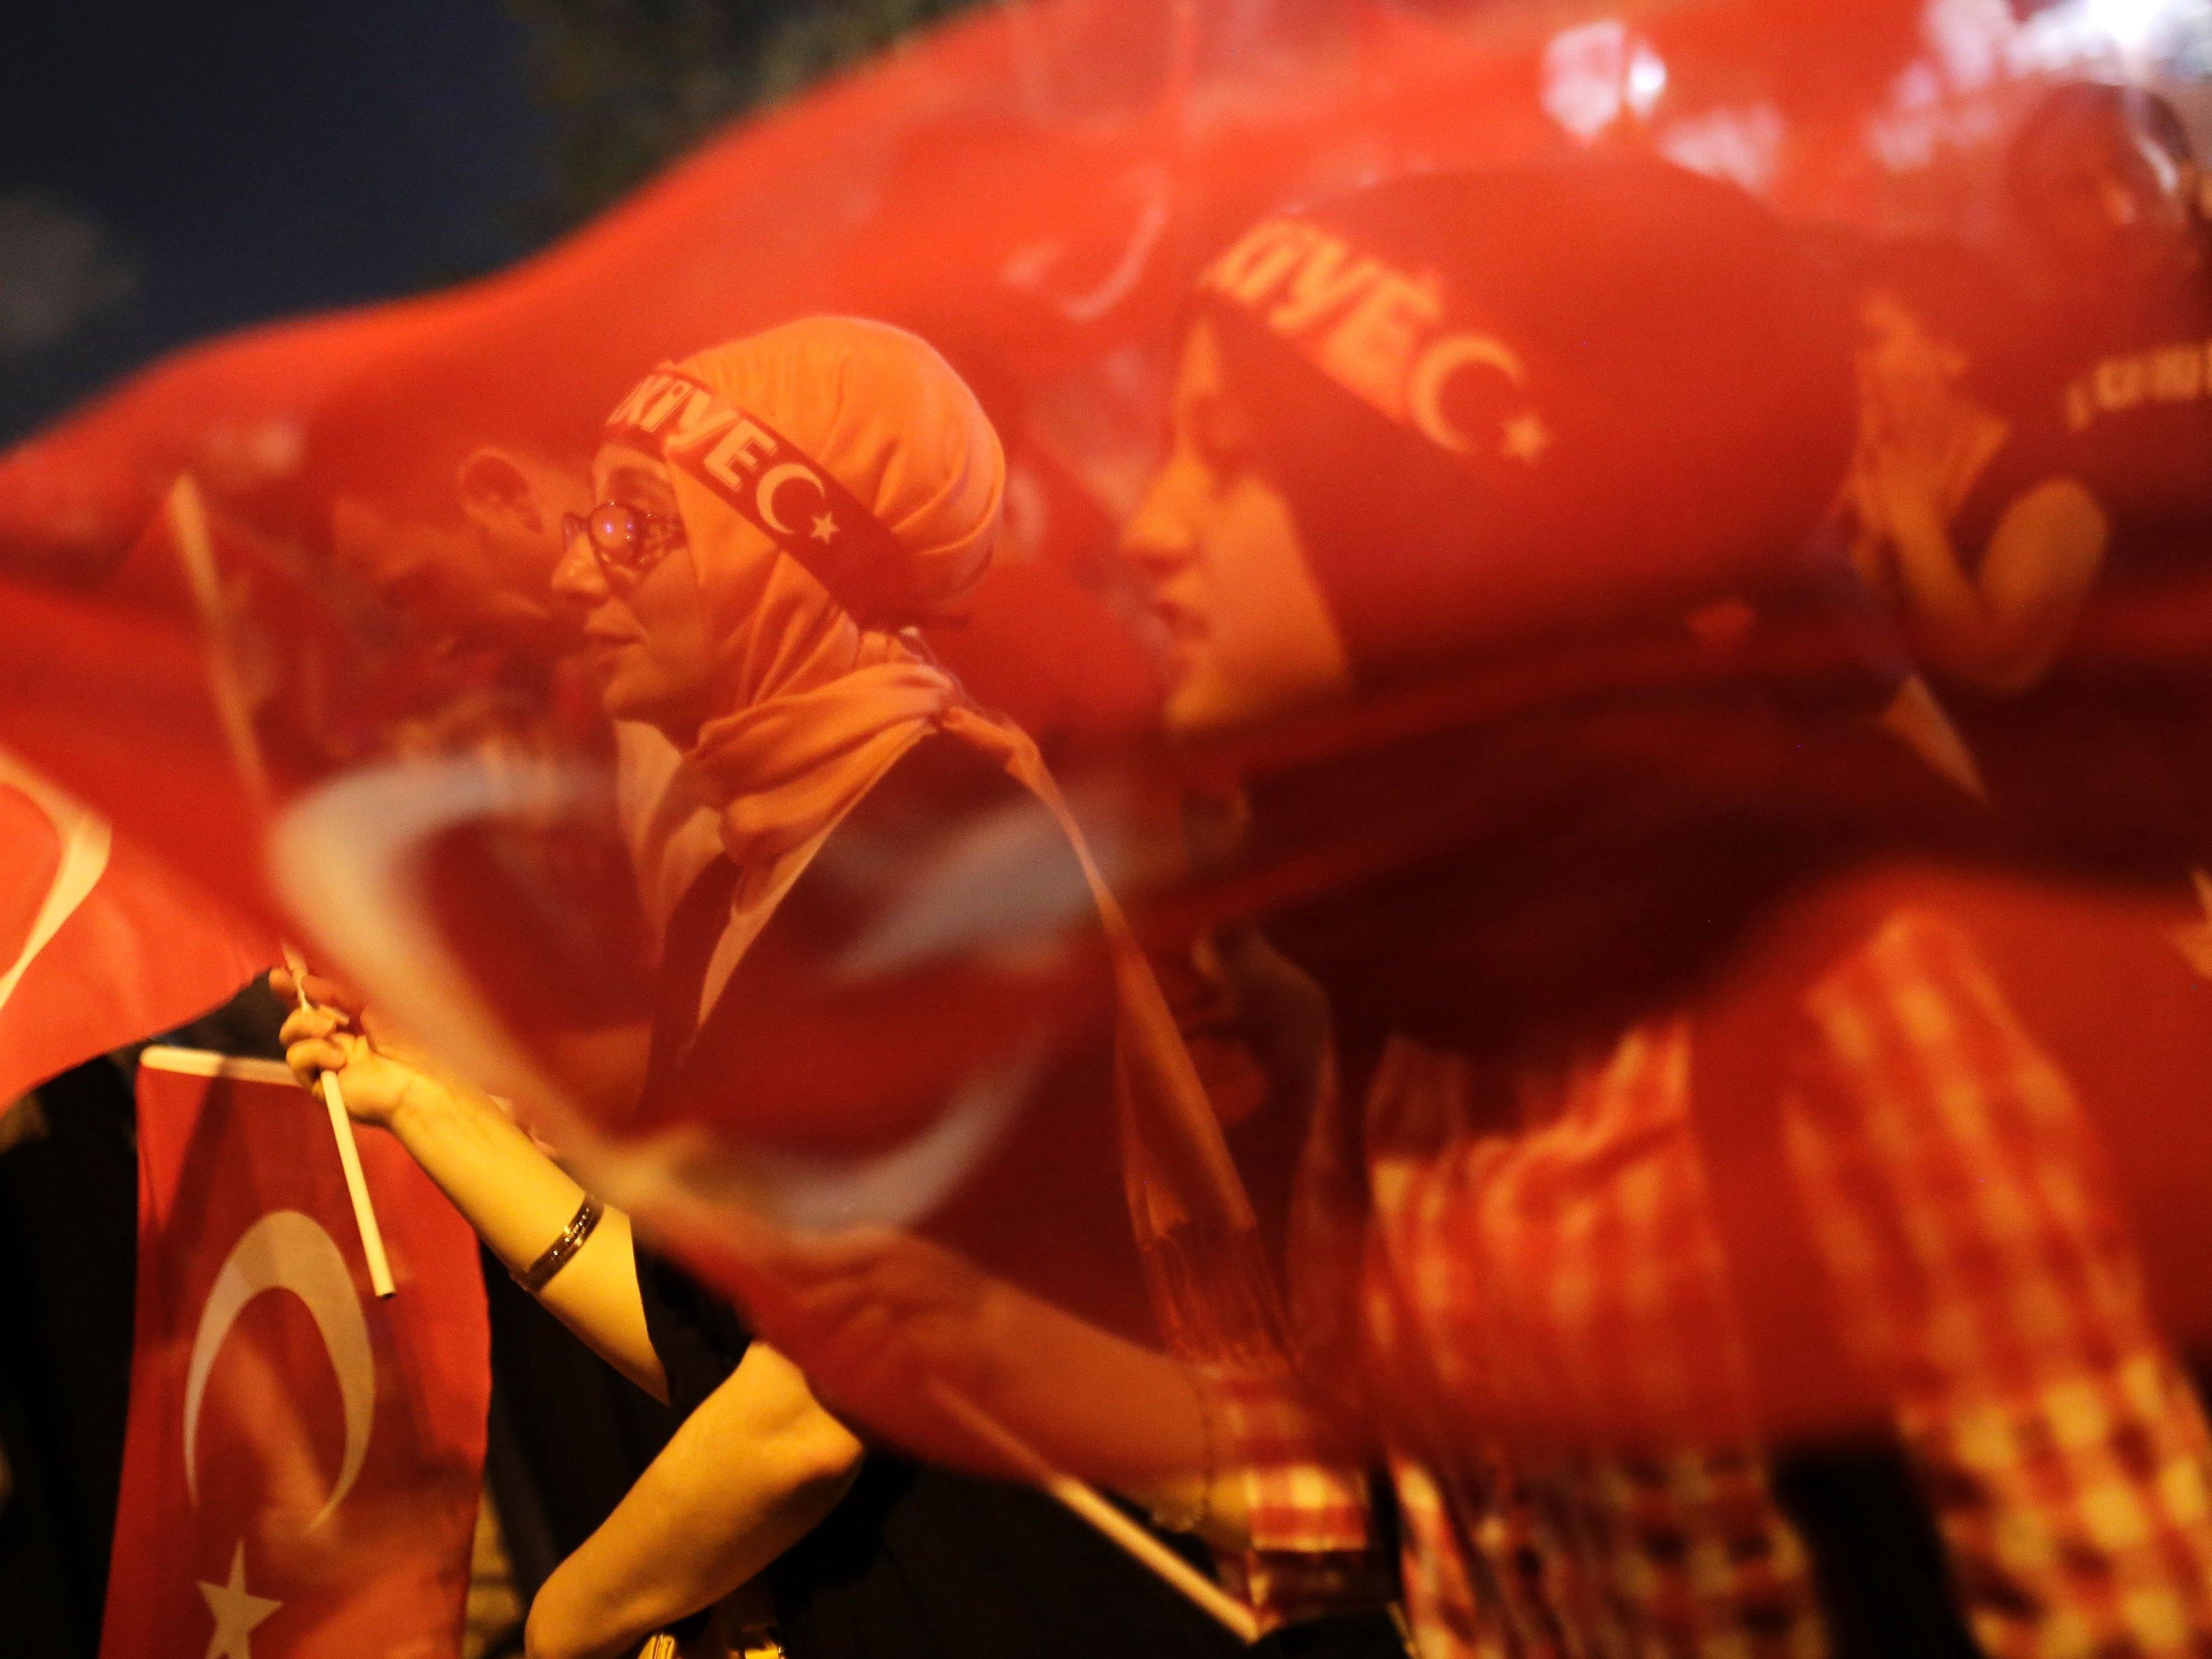 Die österreichische Rechtsanwaltskammer kritisiert das Vorgehen in der Türkei